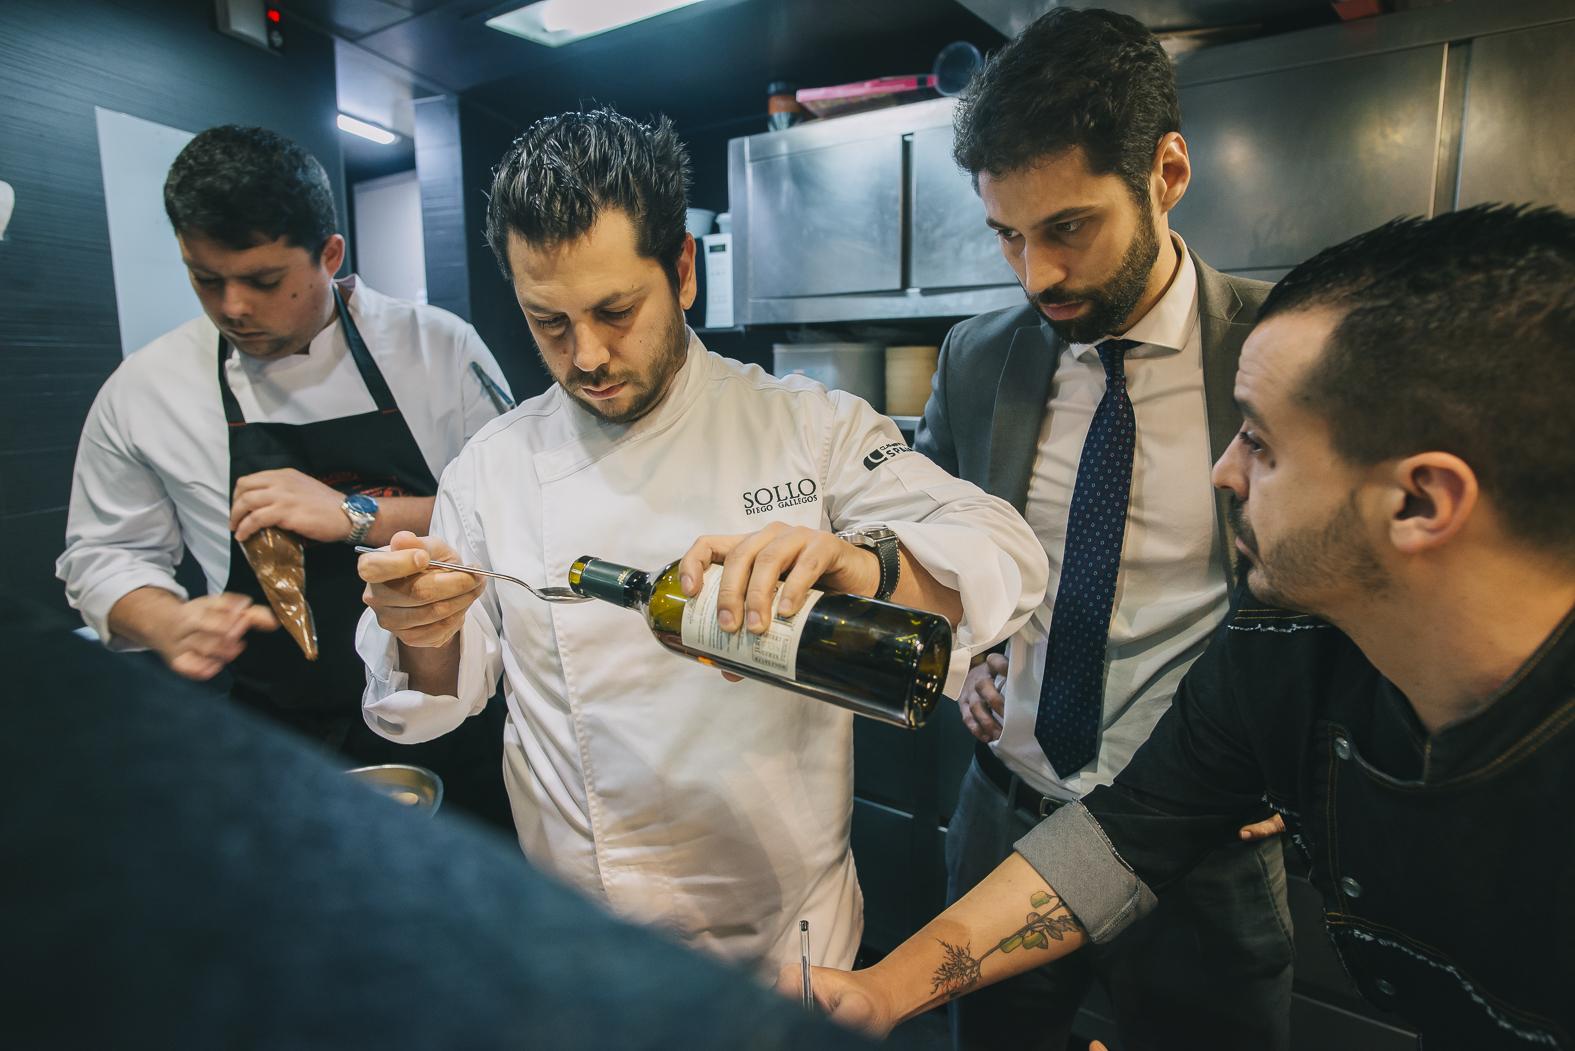 Comienza el festival que reúne a Albert Adrià, Ricard Camarena, Johannes King y más chefs hasta sumar 11 Estrellas Michelin